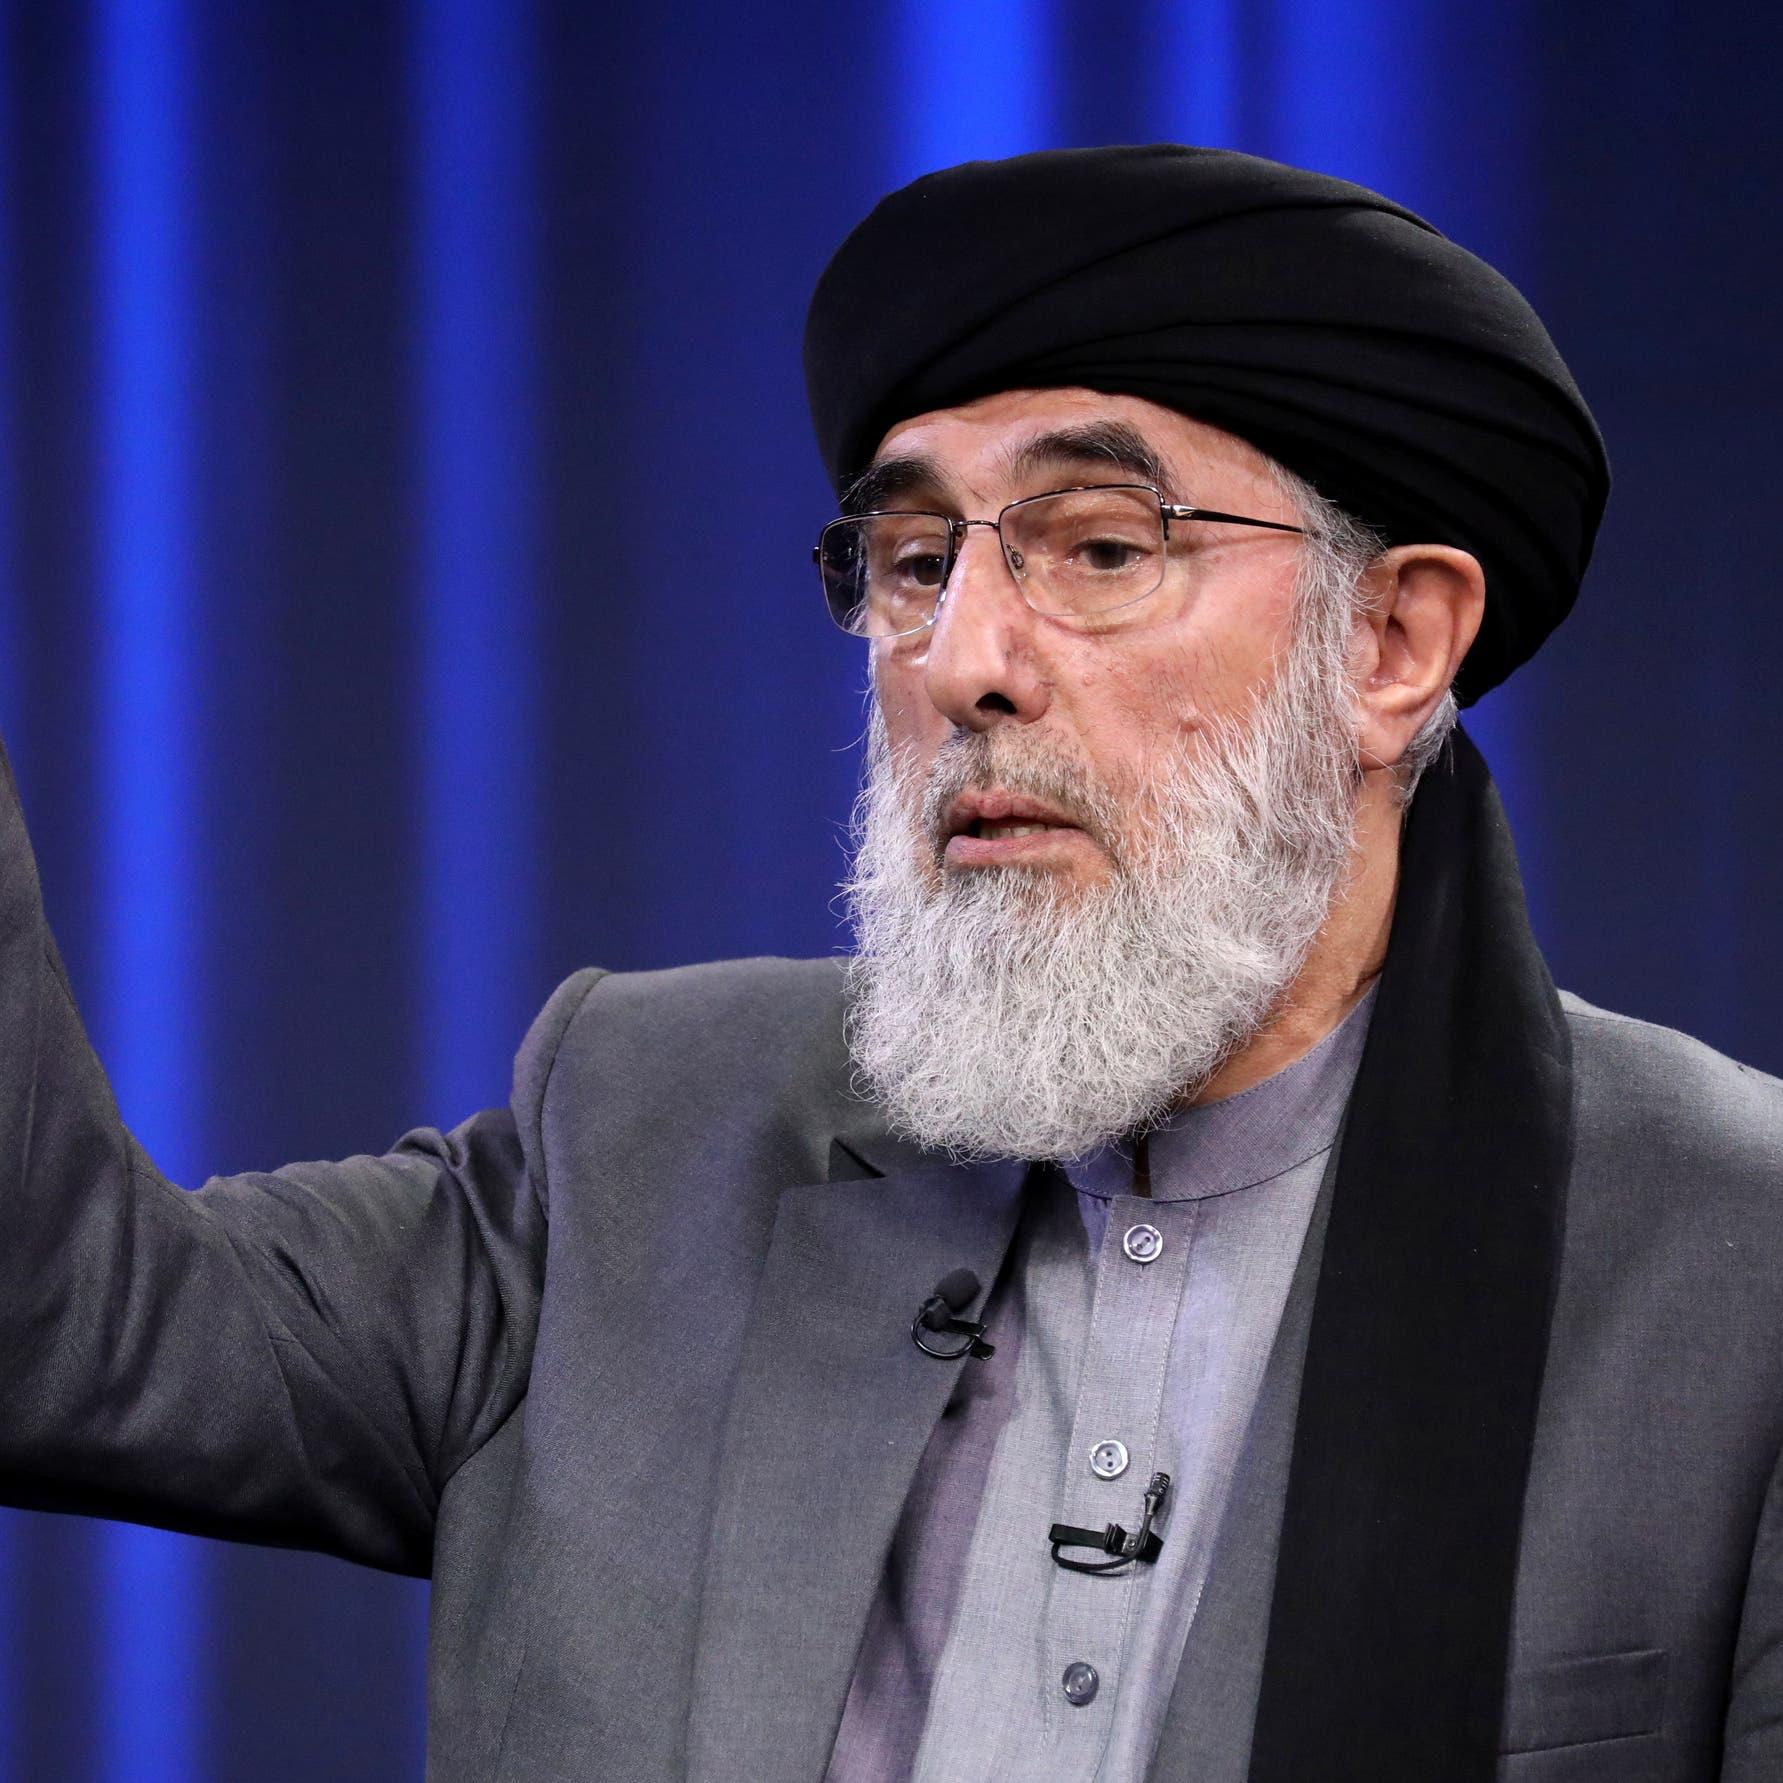 جزار كابول: أميركا تركت الأفغان وحدهم بوجه طالبان